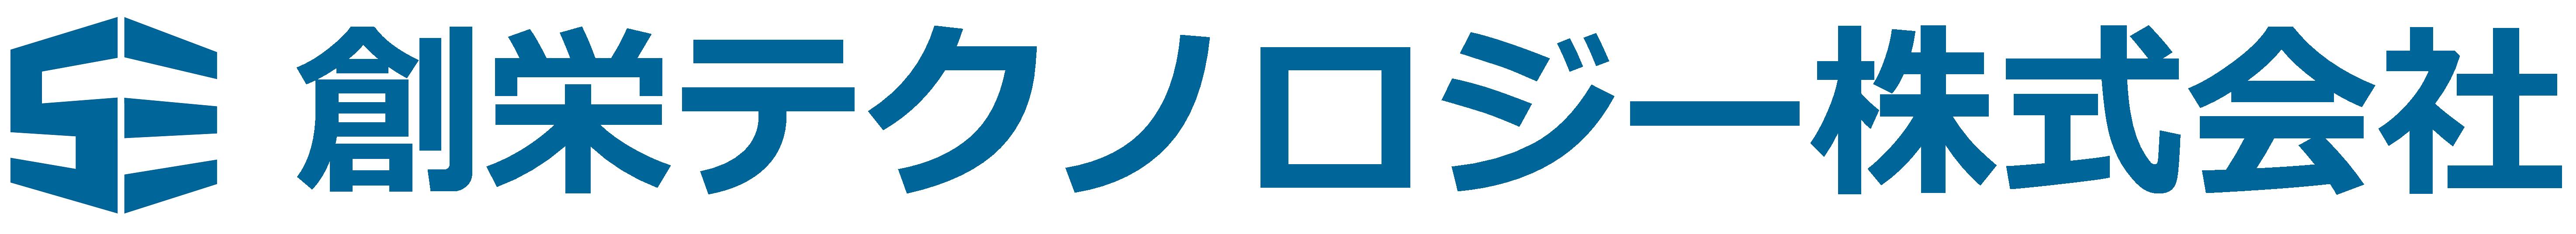 創栄テクノロジー株式会社